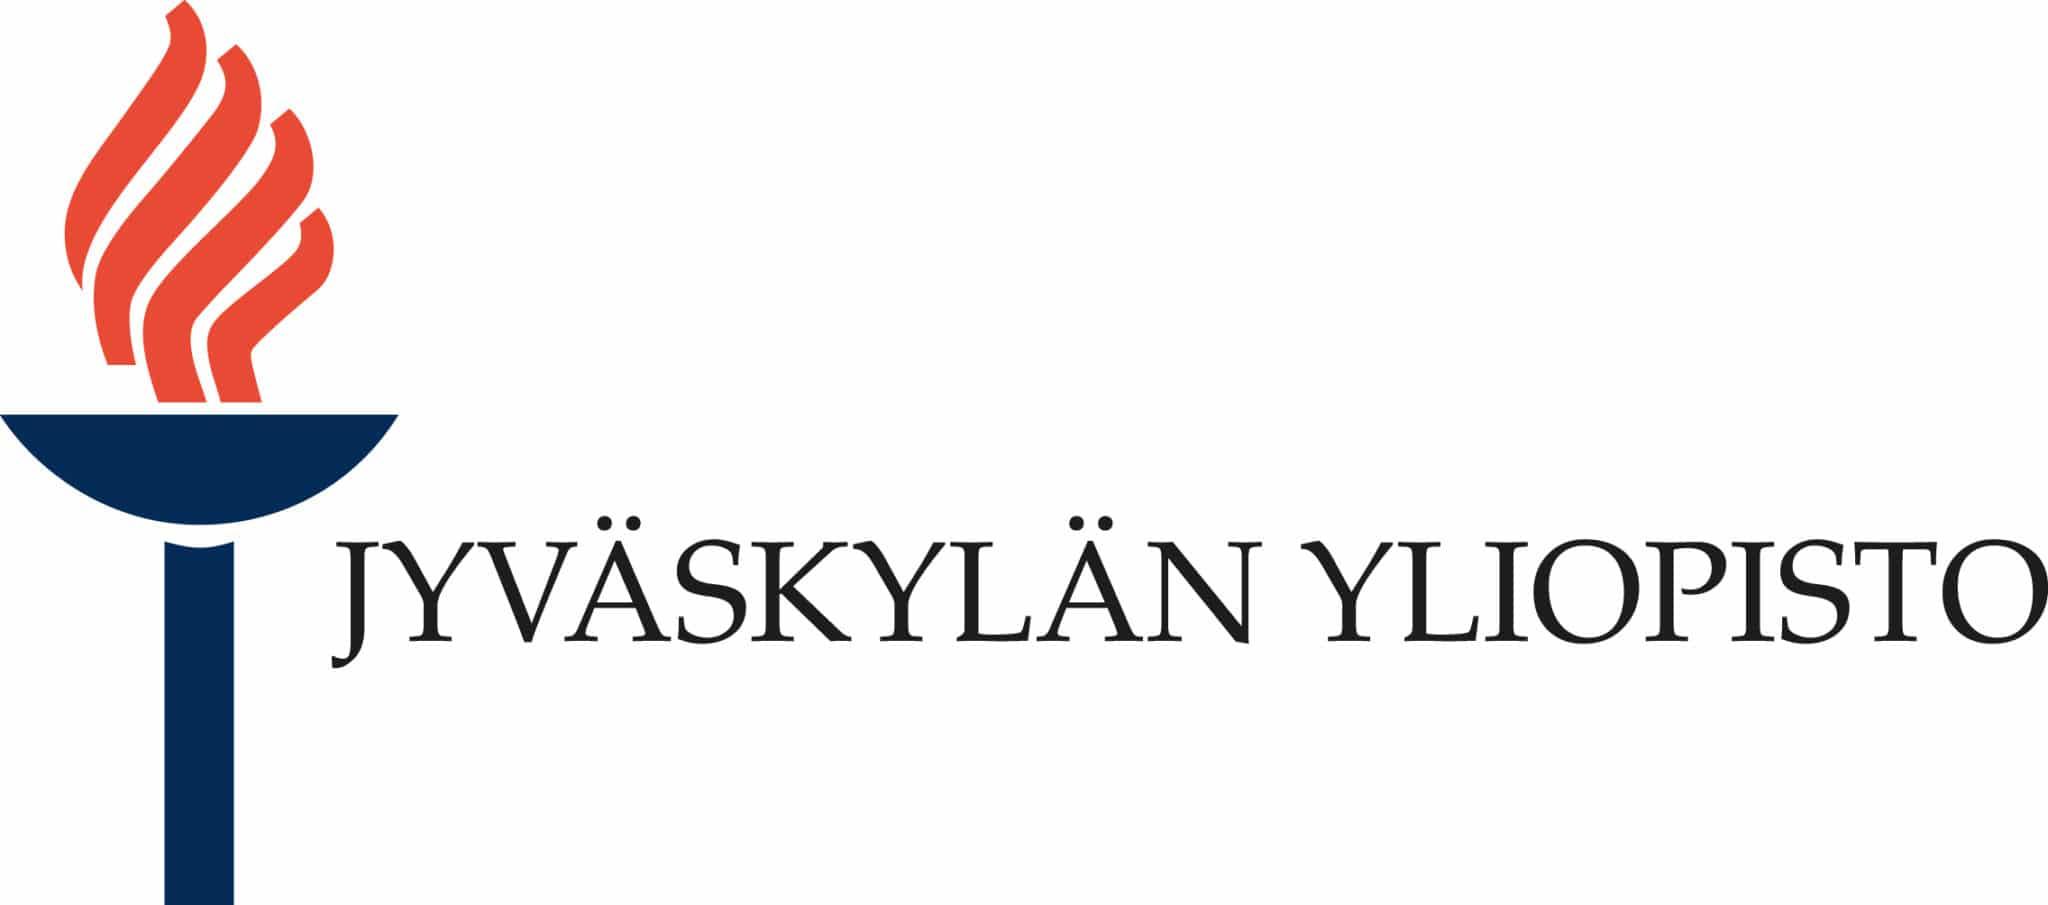 Jyväskylän yliopiston logo sini-oranssilla soihdulla ja suomenkielisellä tekstillä